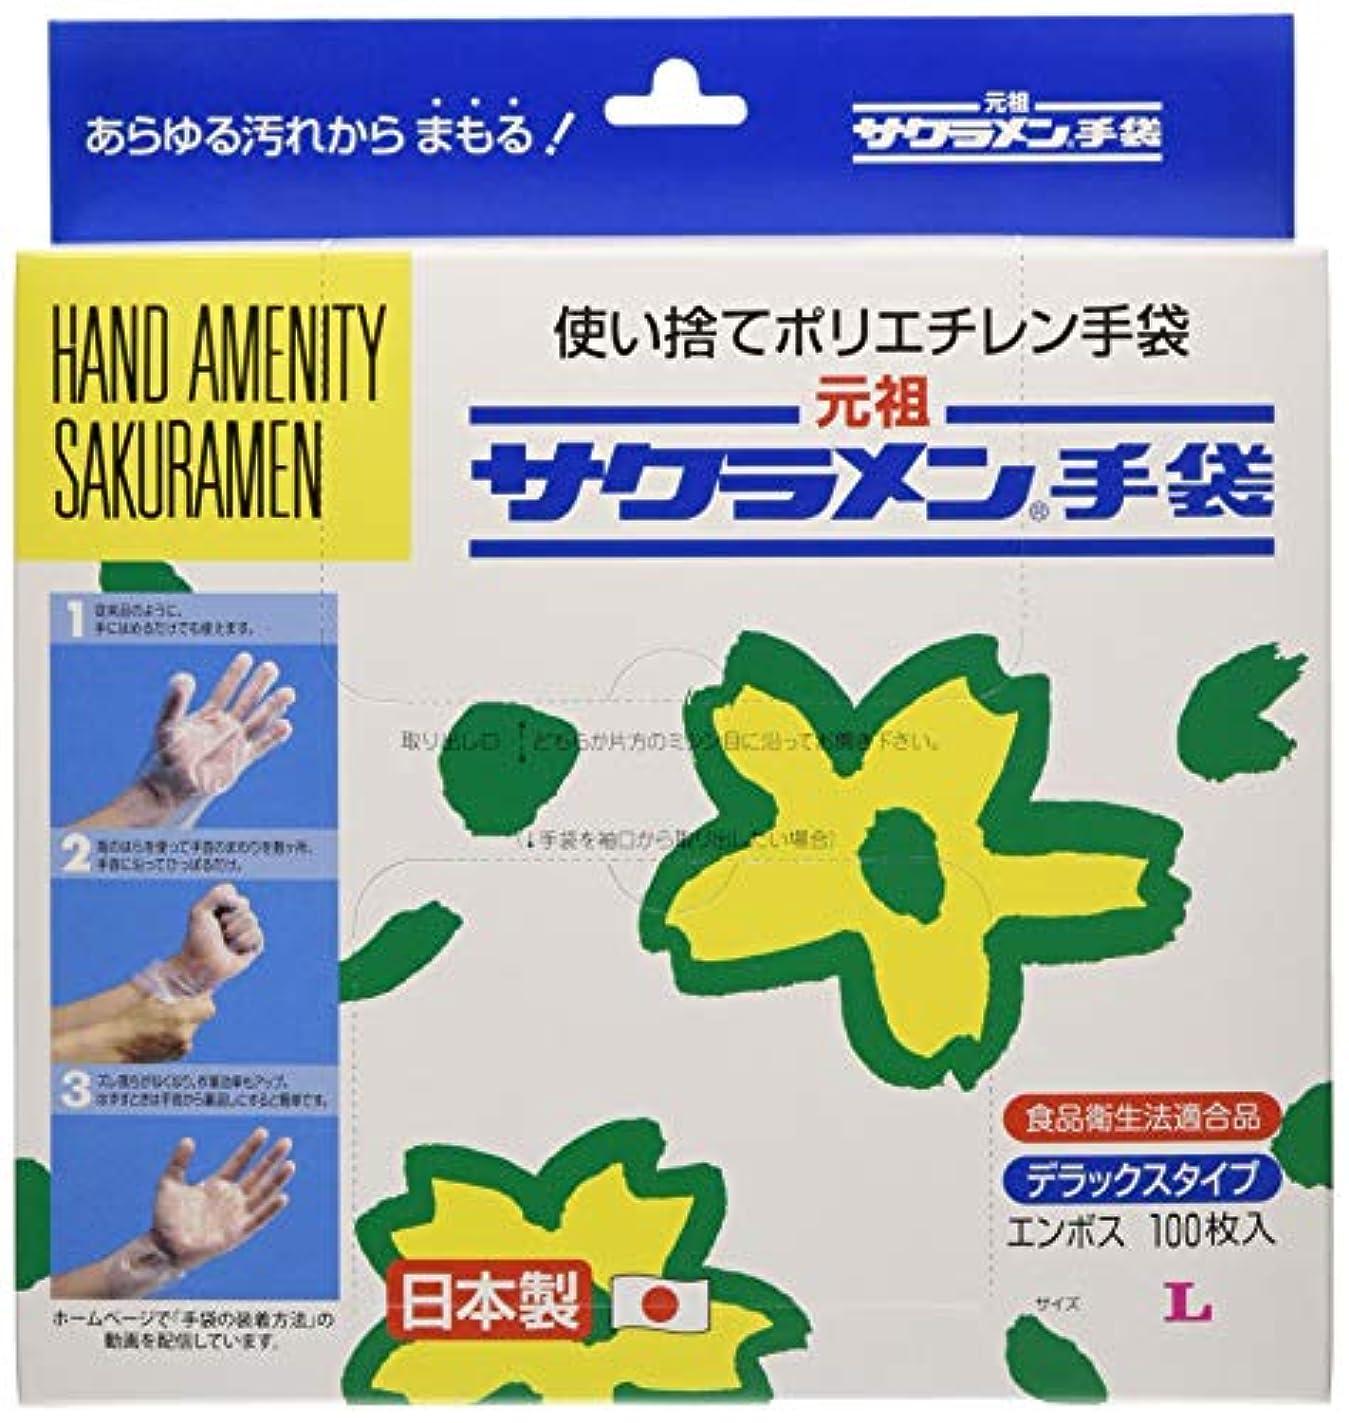 儀式起こりやすい趣味サクラメン手袋 デラックス(100枚入)L ピンク 35μ